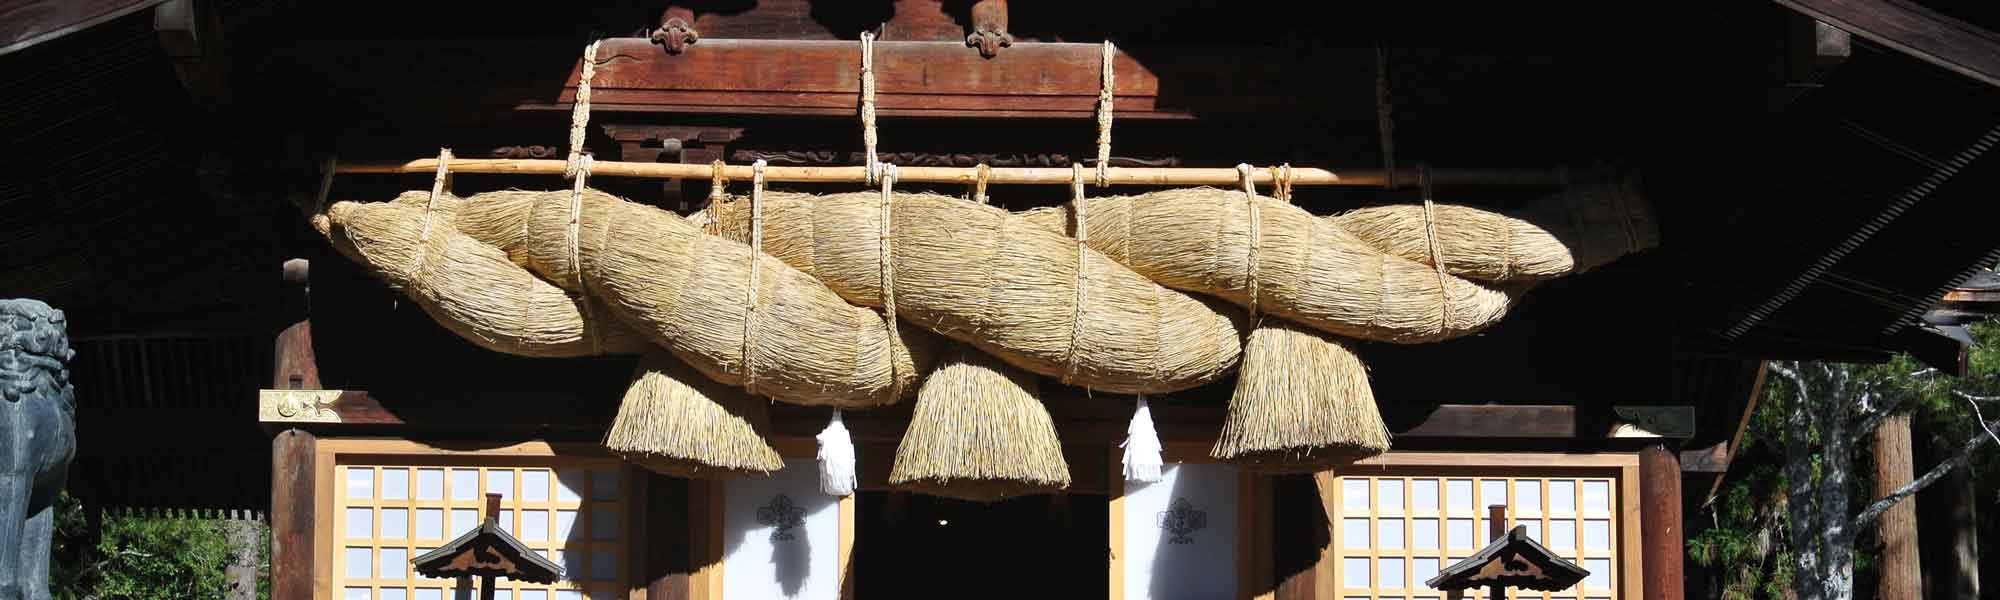 諏訪大社のひのき畳